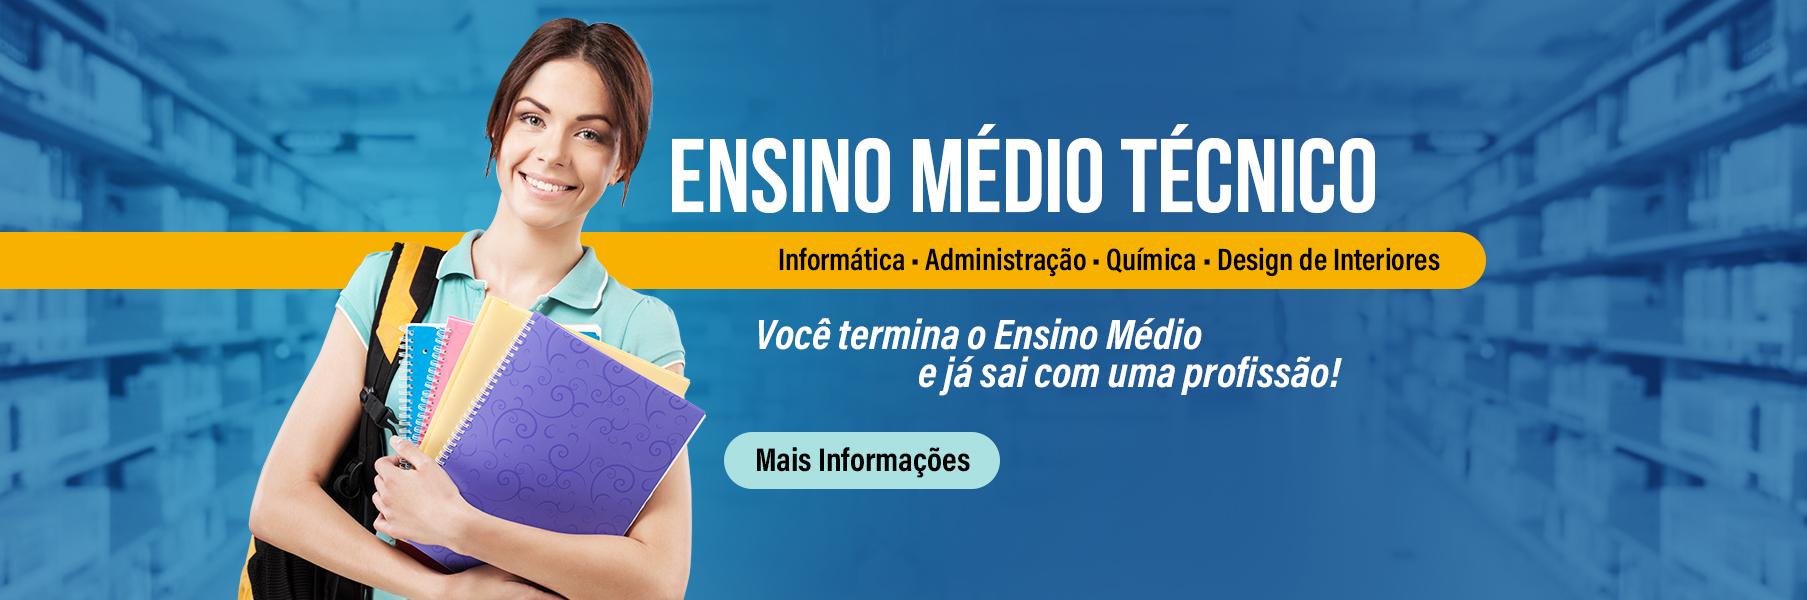 Ensino Médio Técnico Institucional